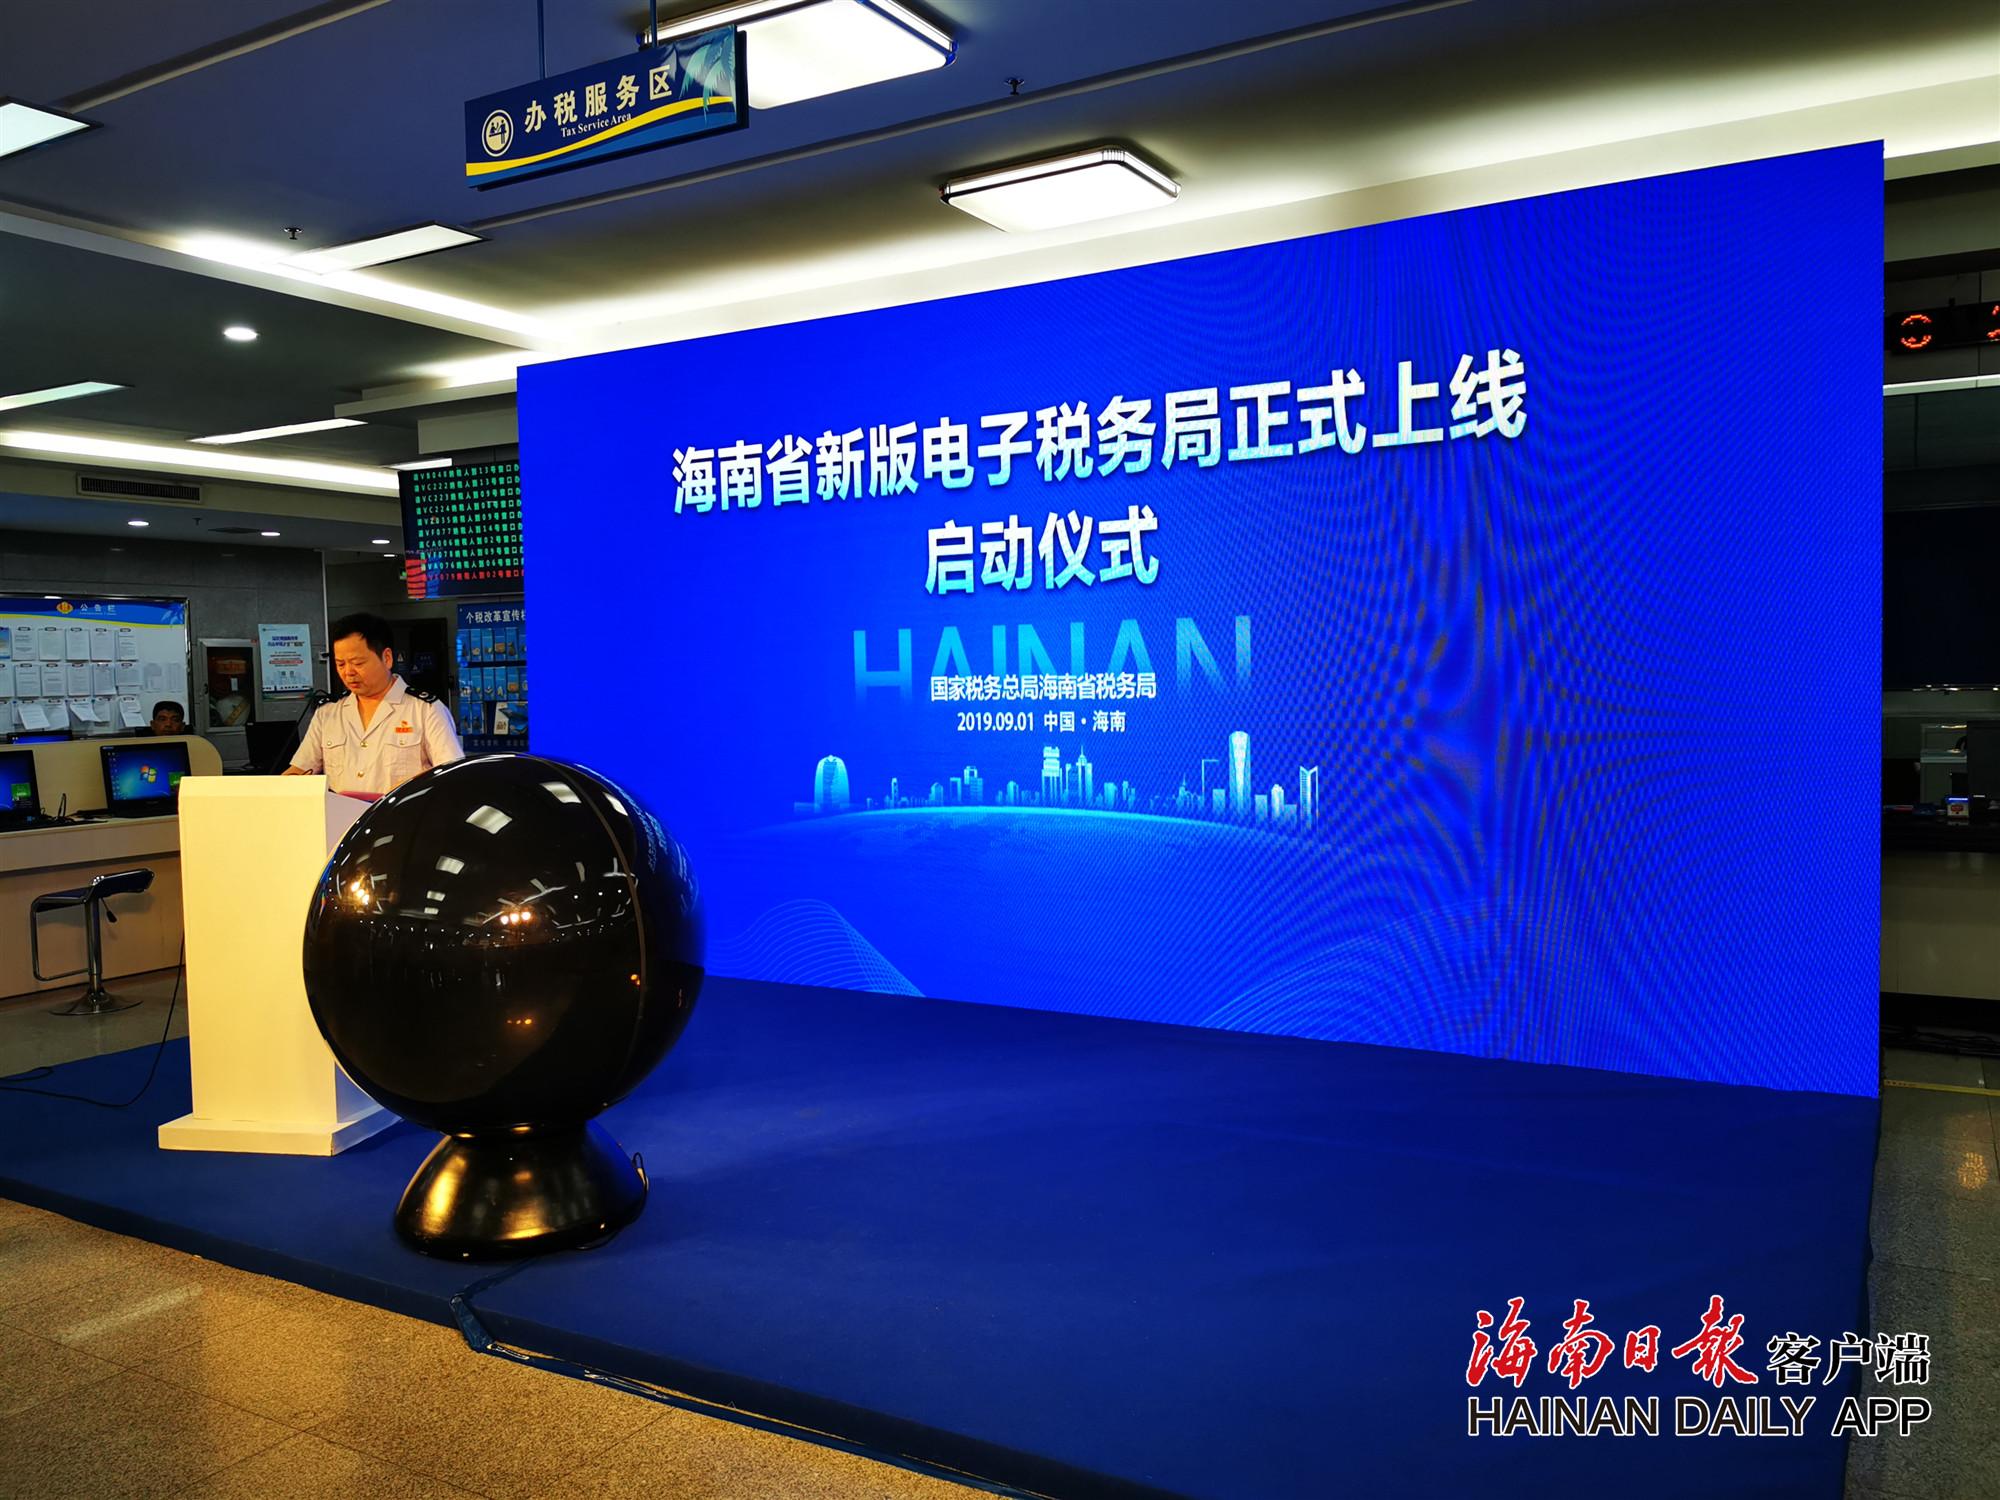 海南省新版电子税务局9月1日正式上线 可办理90%以上涉税业务